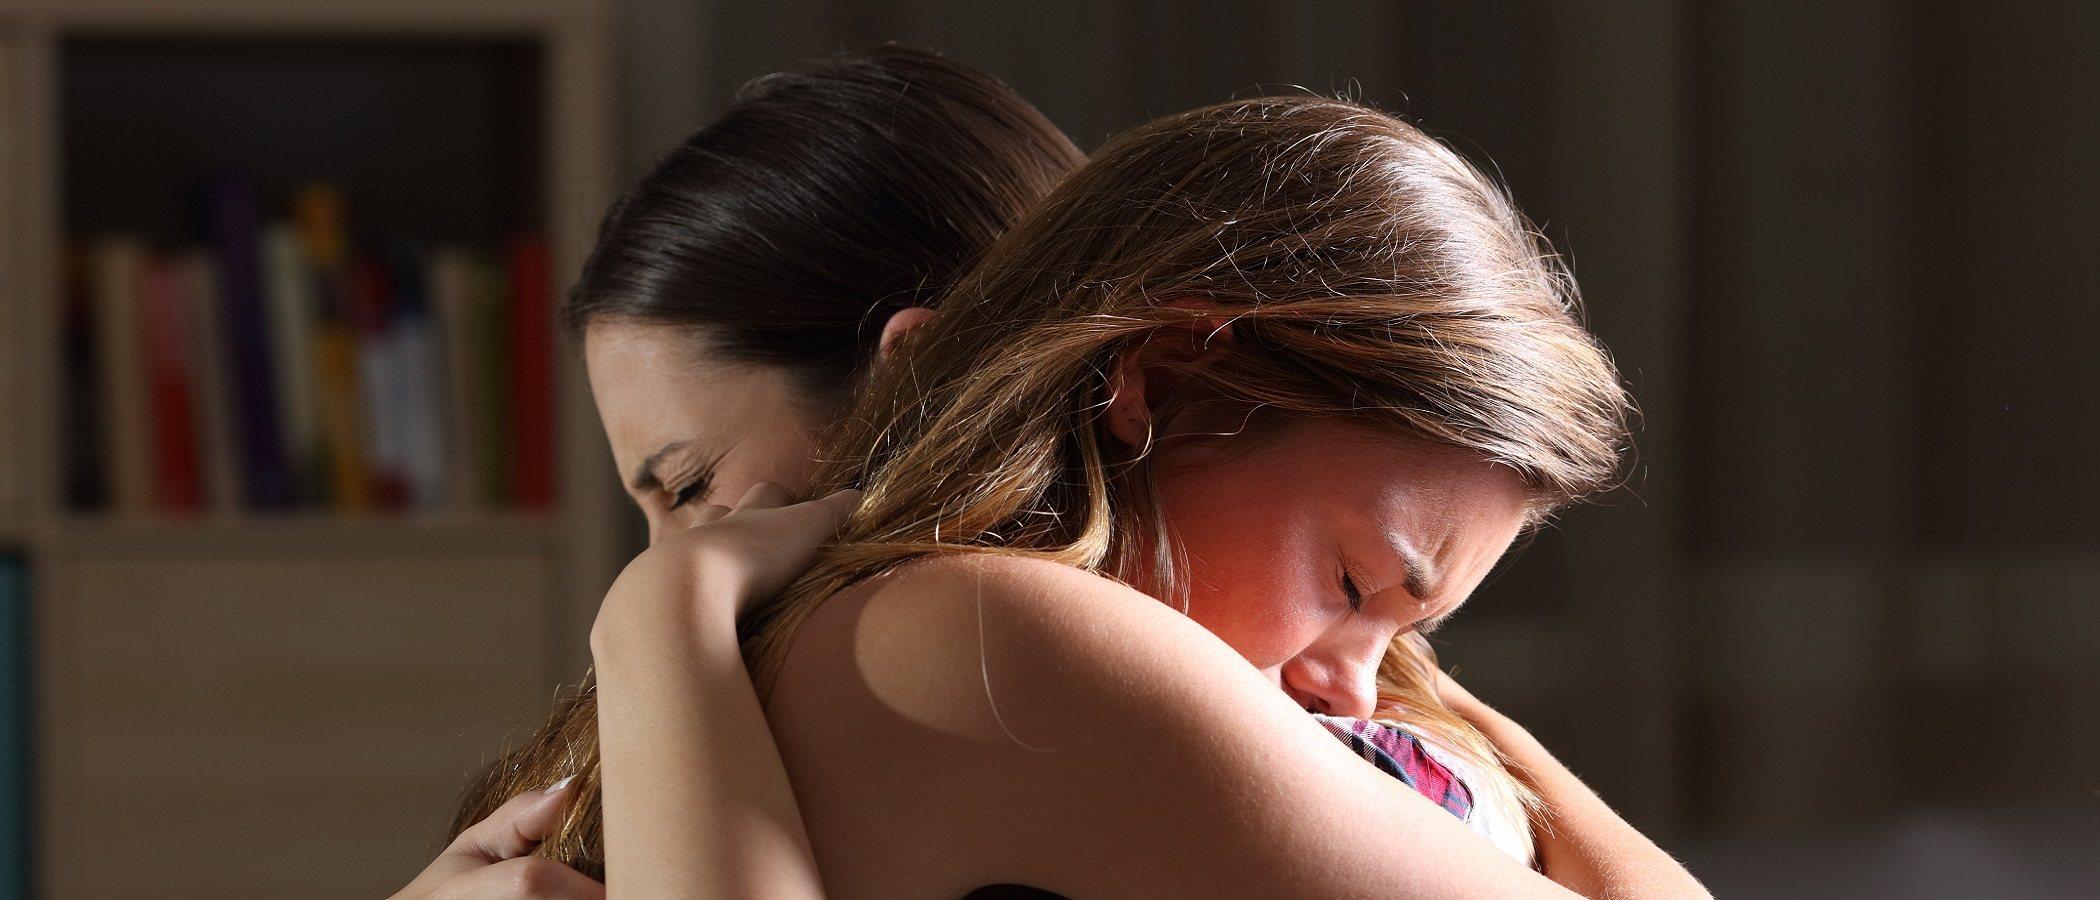 Cómo dar consuelo a unos padres que han perdido a un hijo